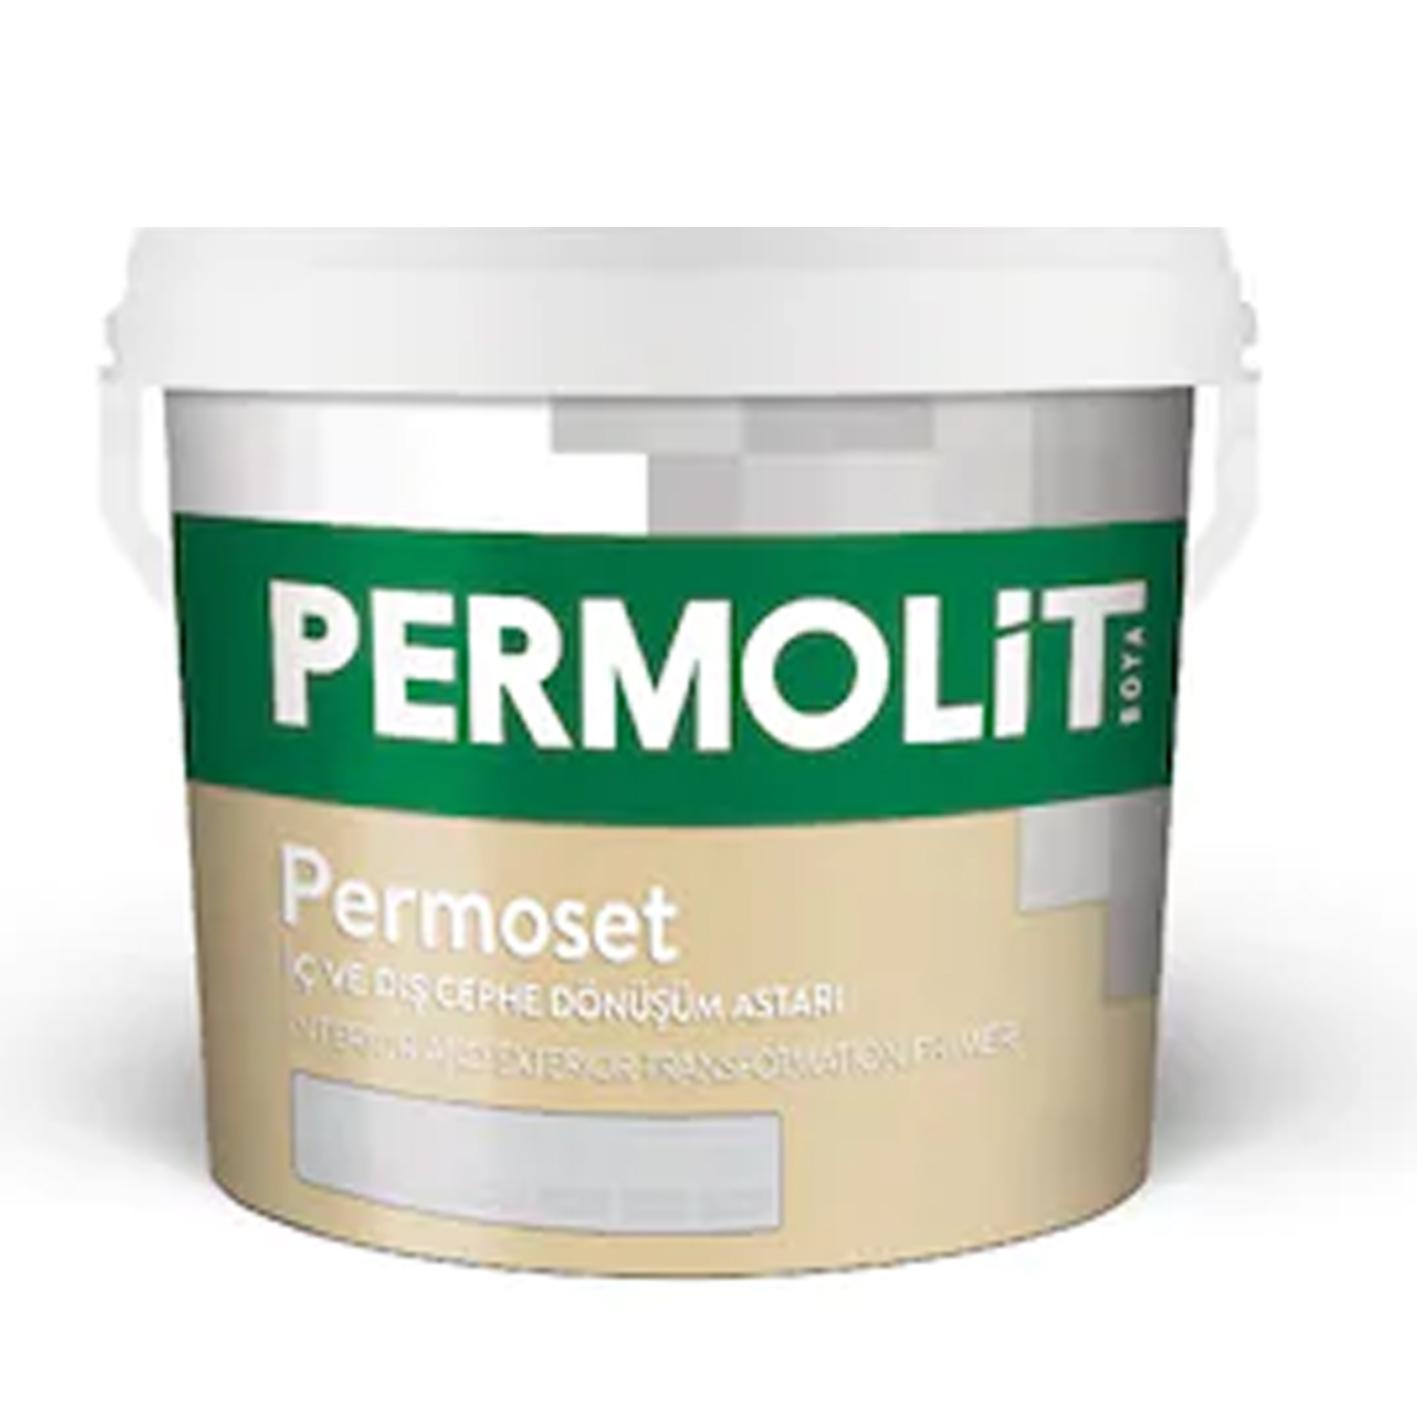 Permolit Permoset İç Dış Dönüşüm Astarı 10Kg